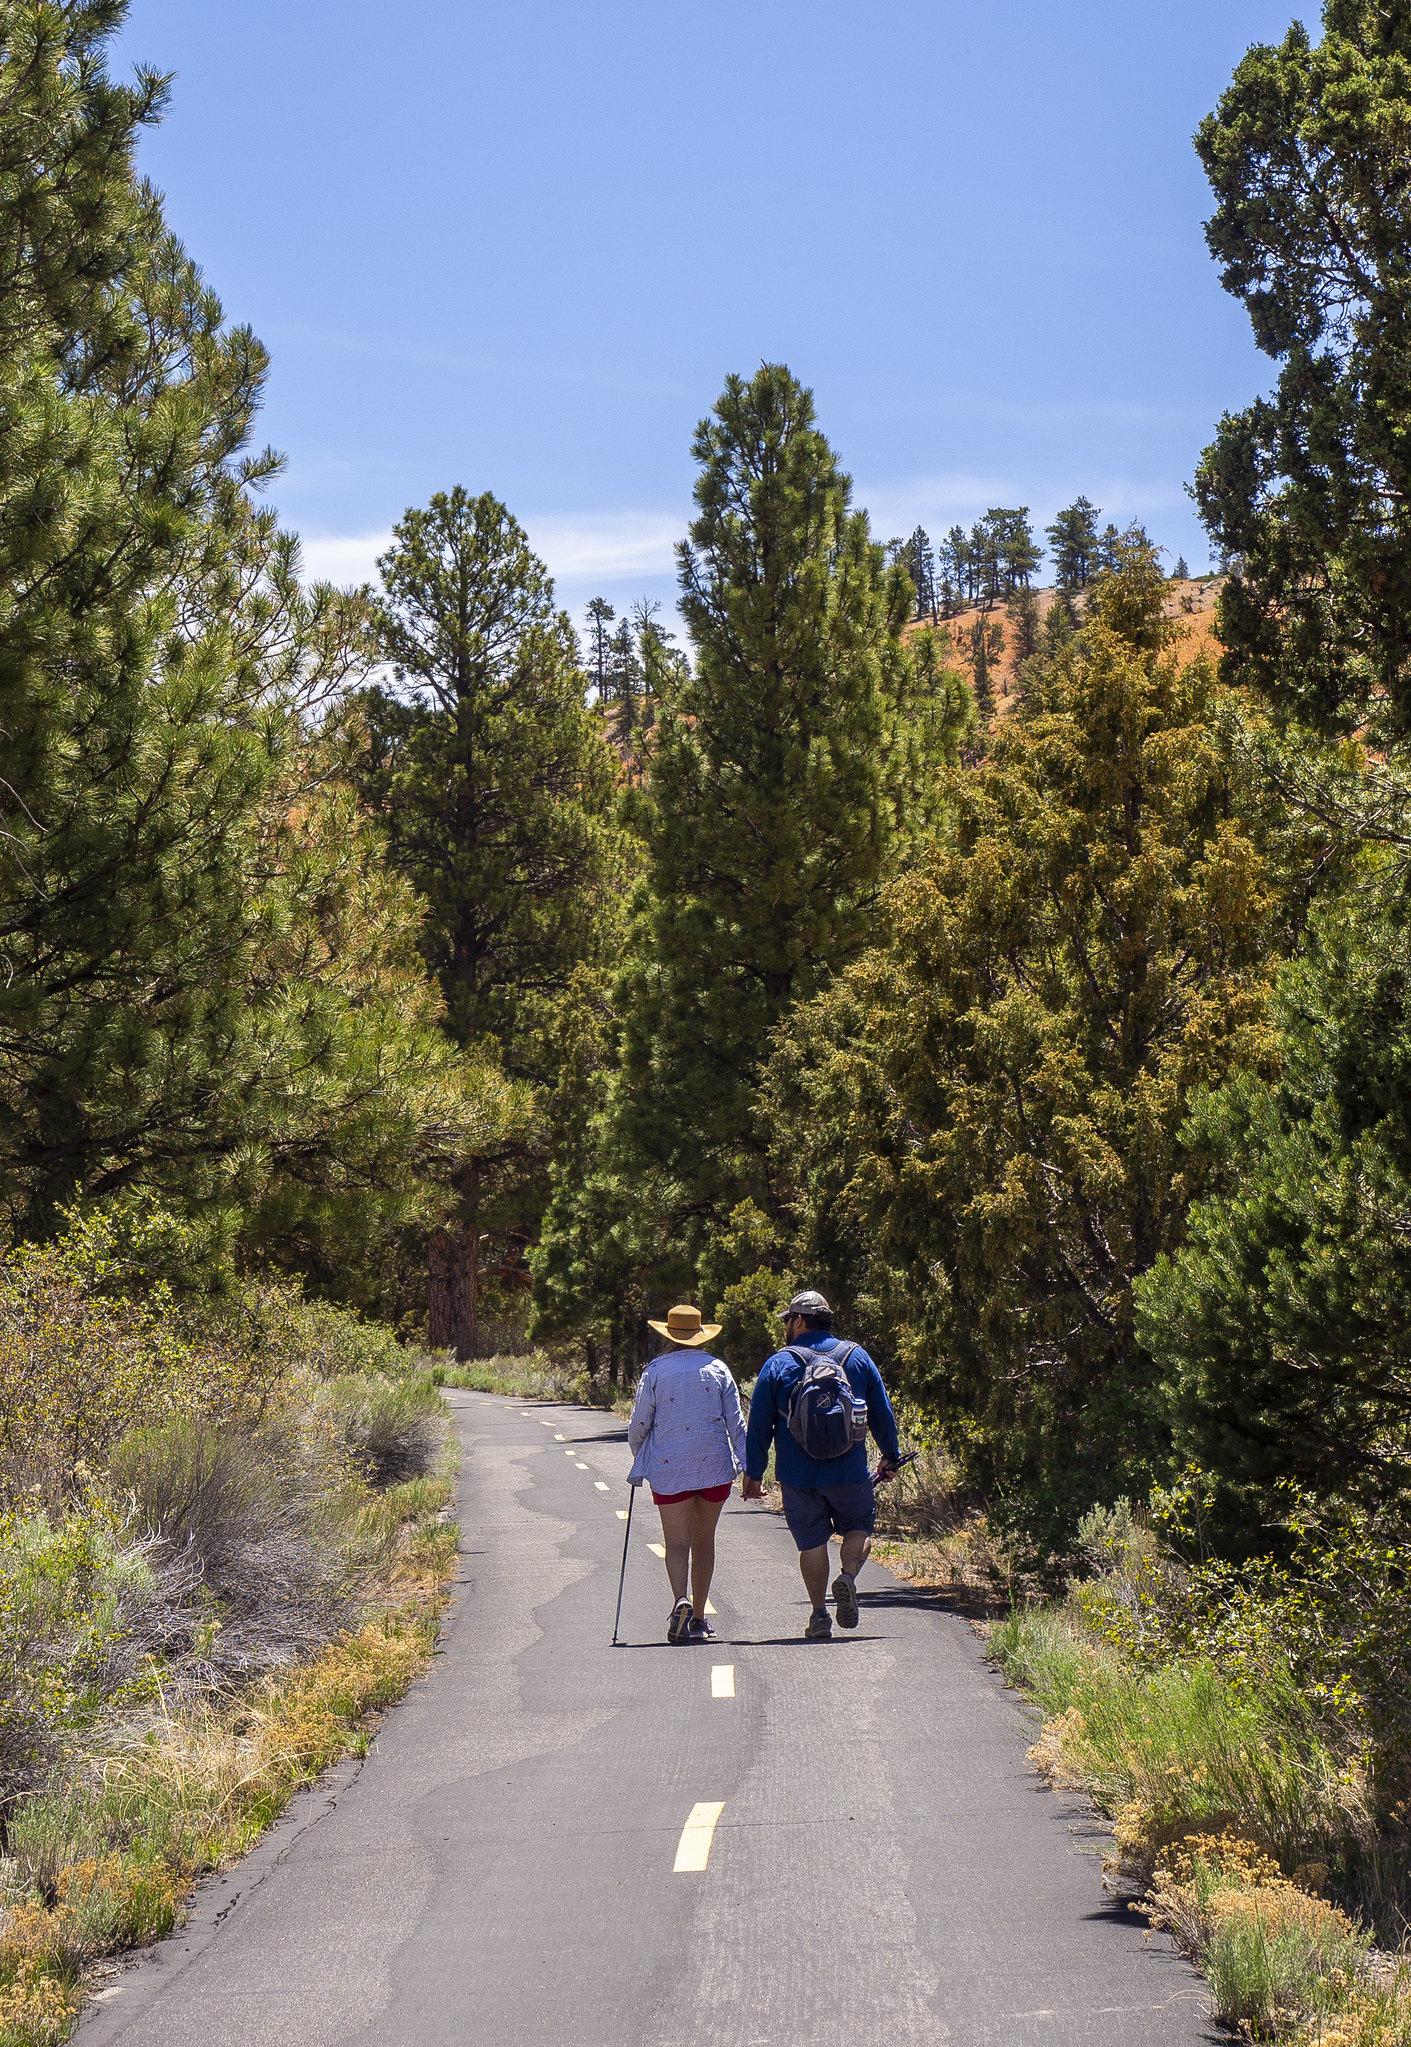 american hikers